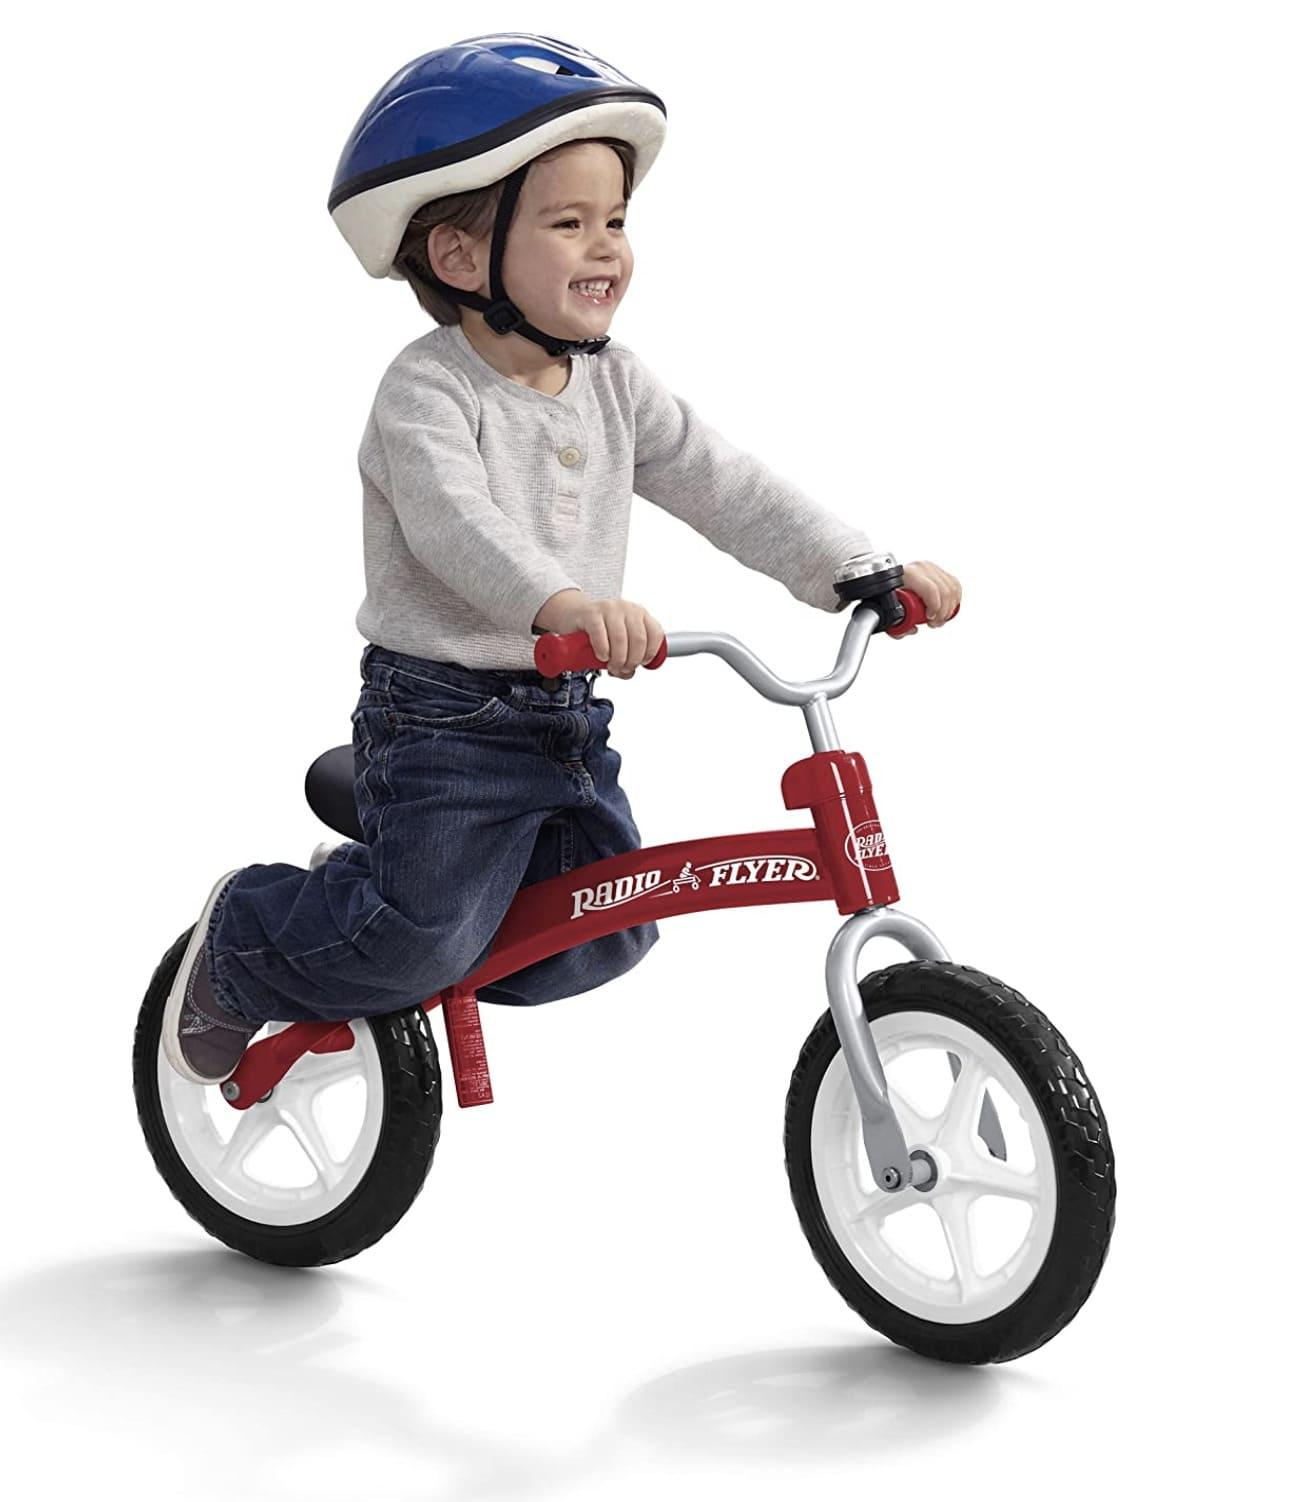 Niño deslizándose es su bicicleta sin pedales